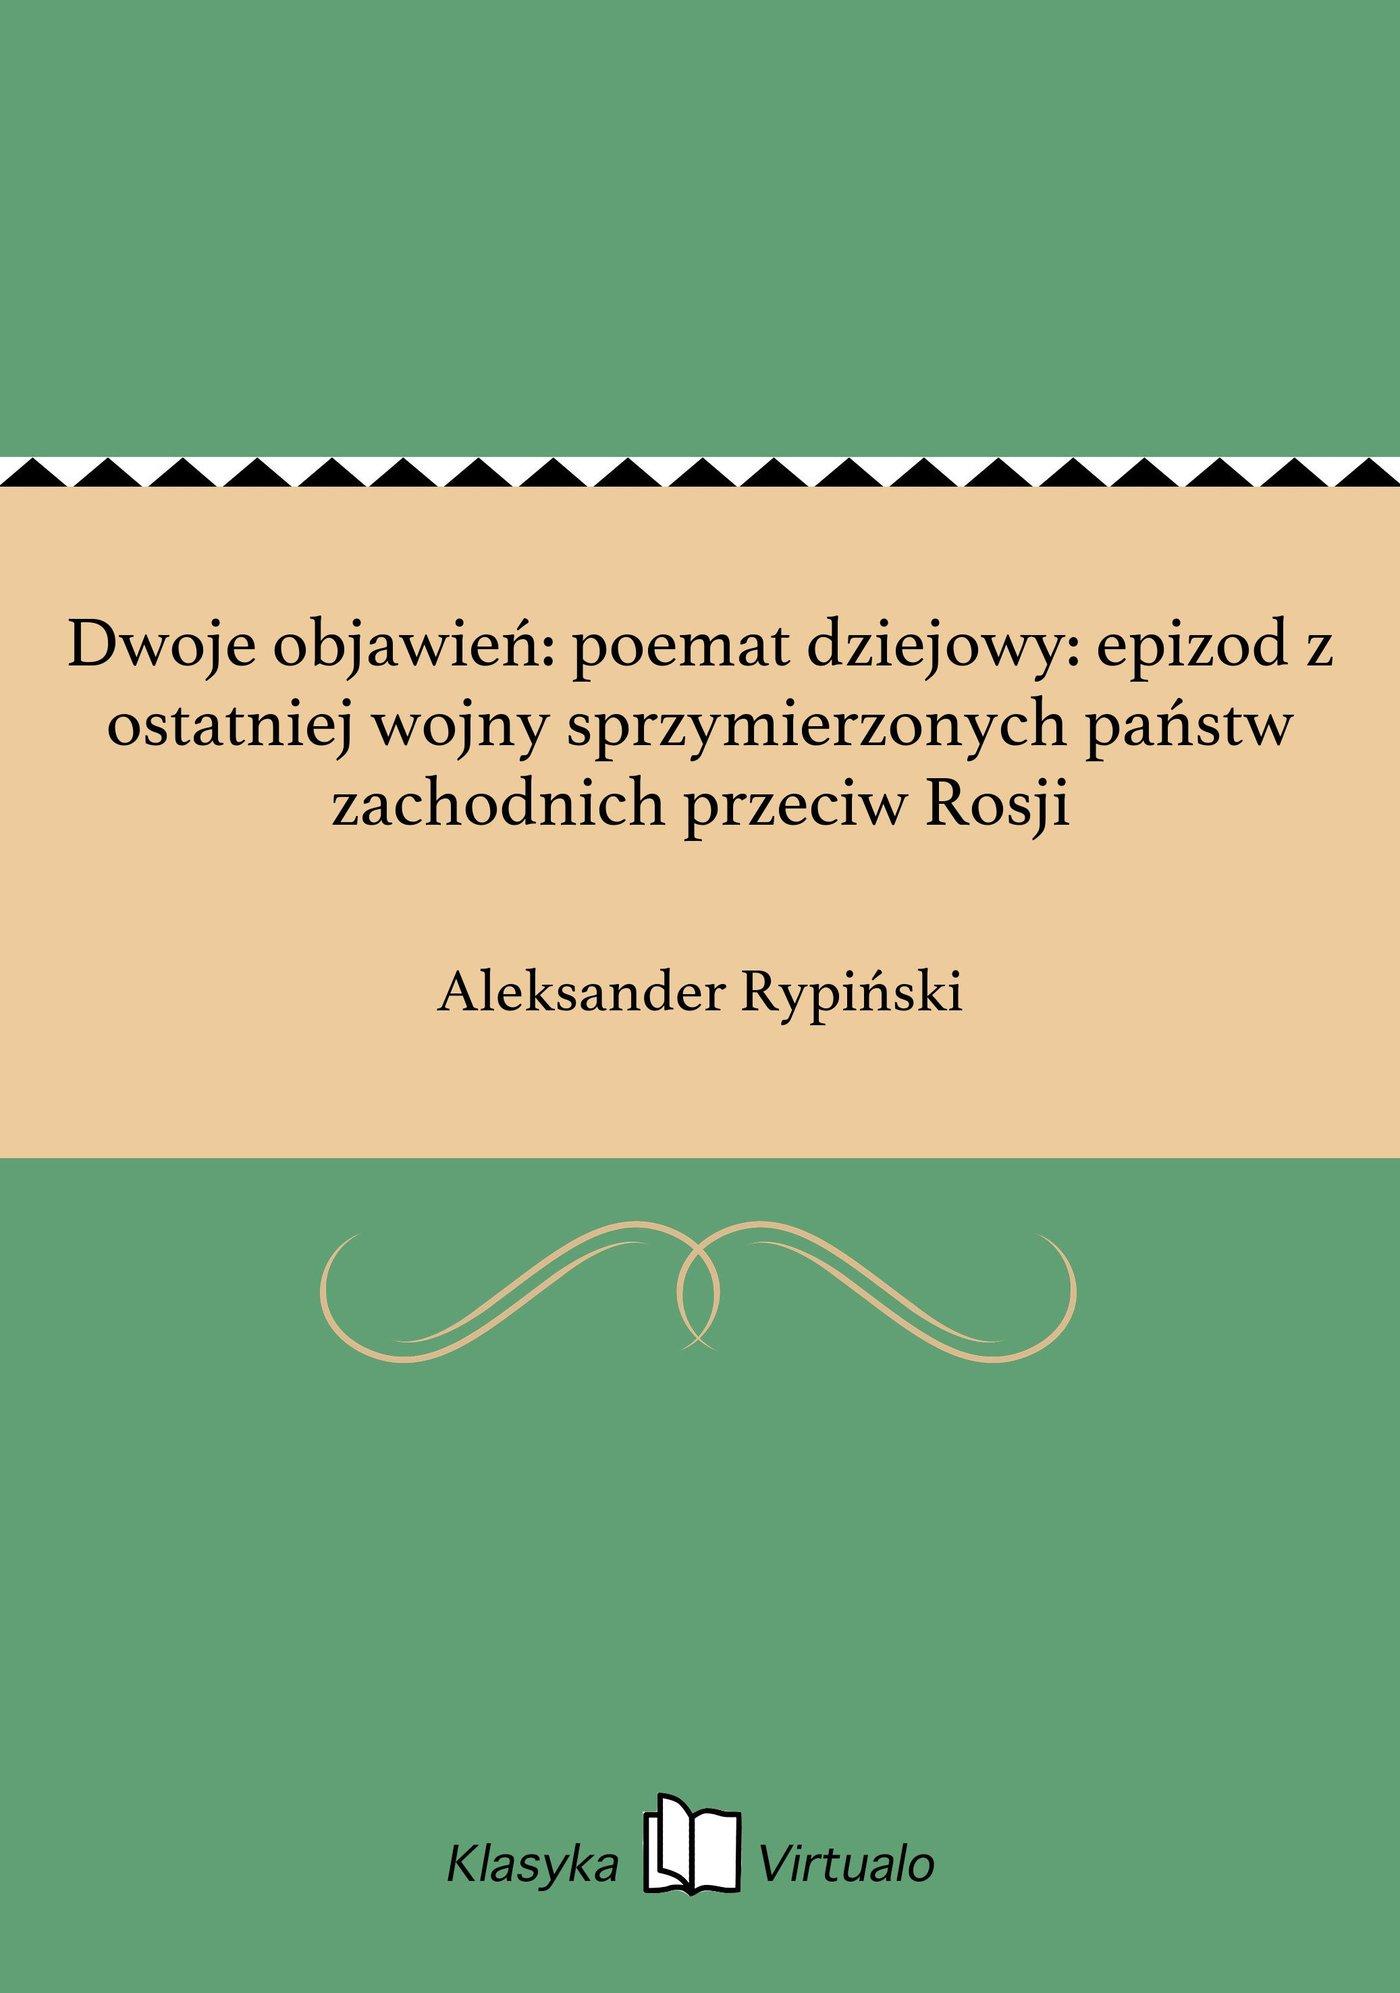 Dwoje objawień: poemat dziejowy: epizod z ostatniej wojny sprzymierzonych państw zachodnich przeciw Rosji - Ebook (Książka EPUB) do pobrania w formacie EPUB